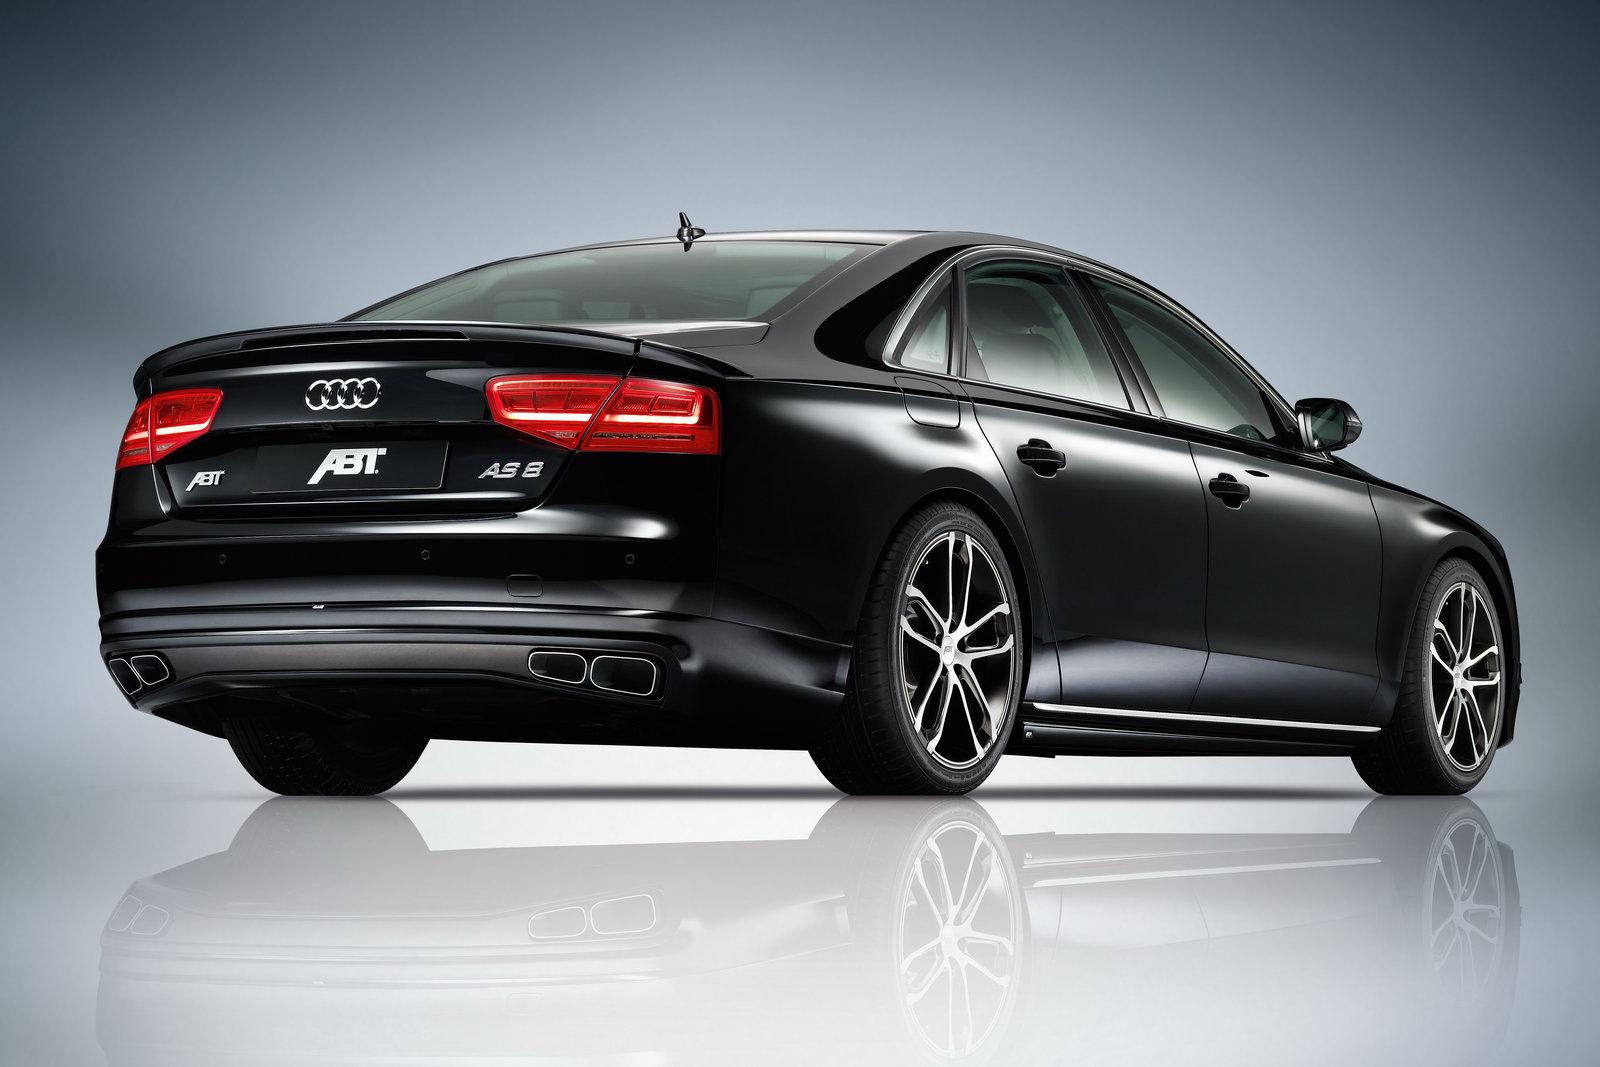 http://1.bp.blogspot.com/_FoXyvaPSnVk/TCOQyB-jtFI/AAAAAAAC_q8/D9Hwnz1kZtk/s1600/Audi-AS8-ABT-3.jpg